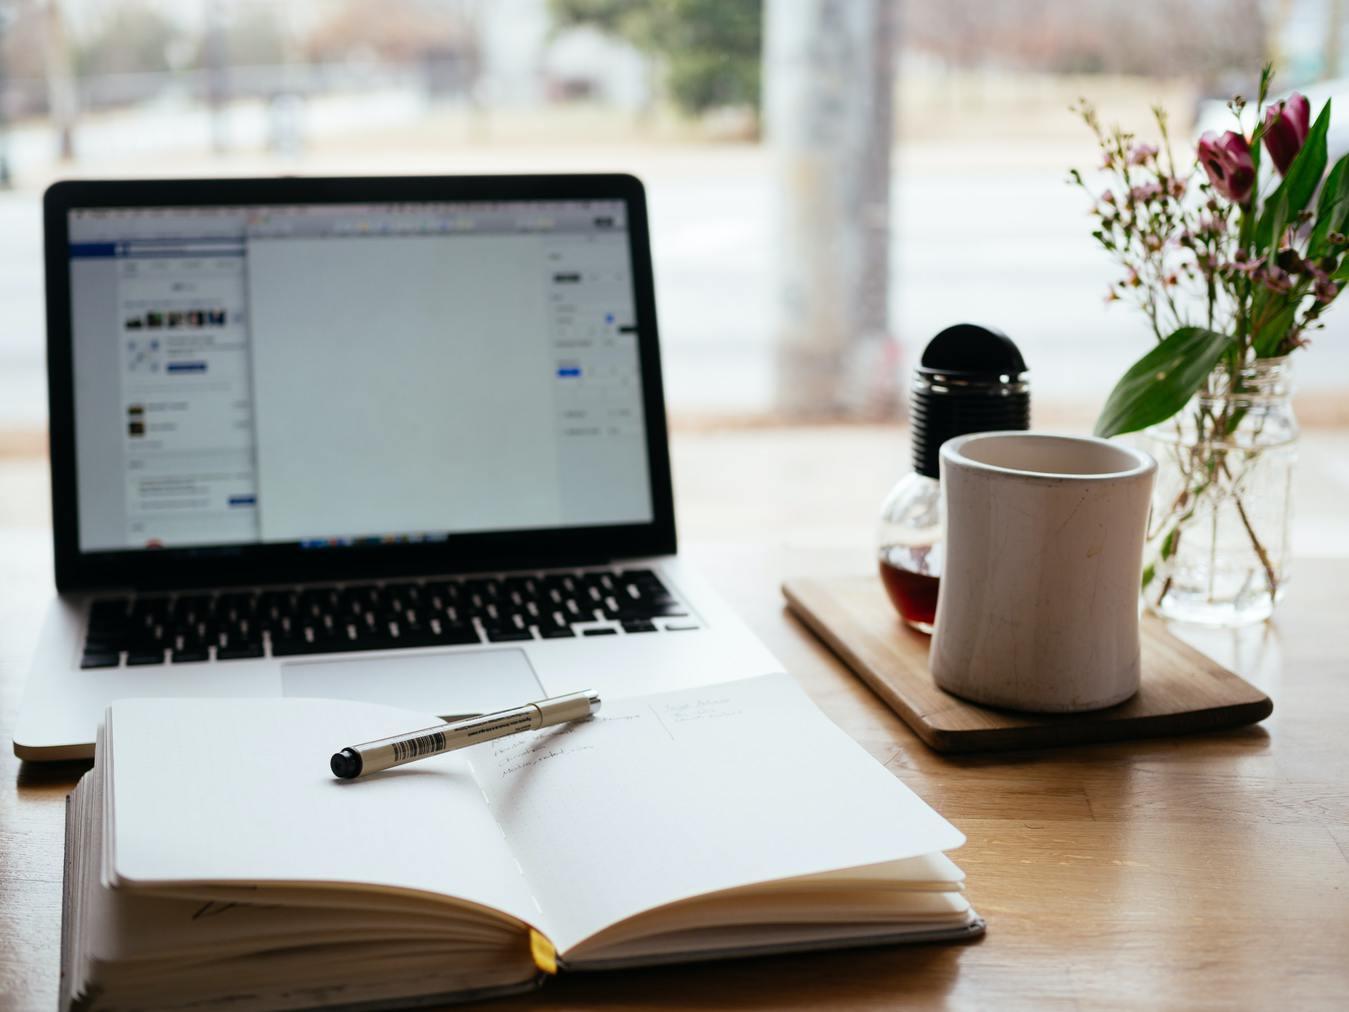 Caderno aberto sobre a mesa ao lado uma caneca e um notebook